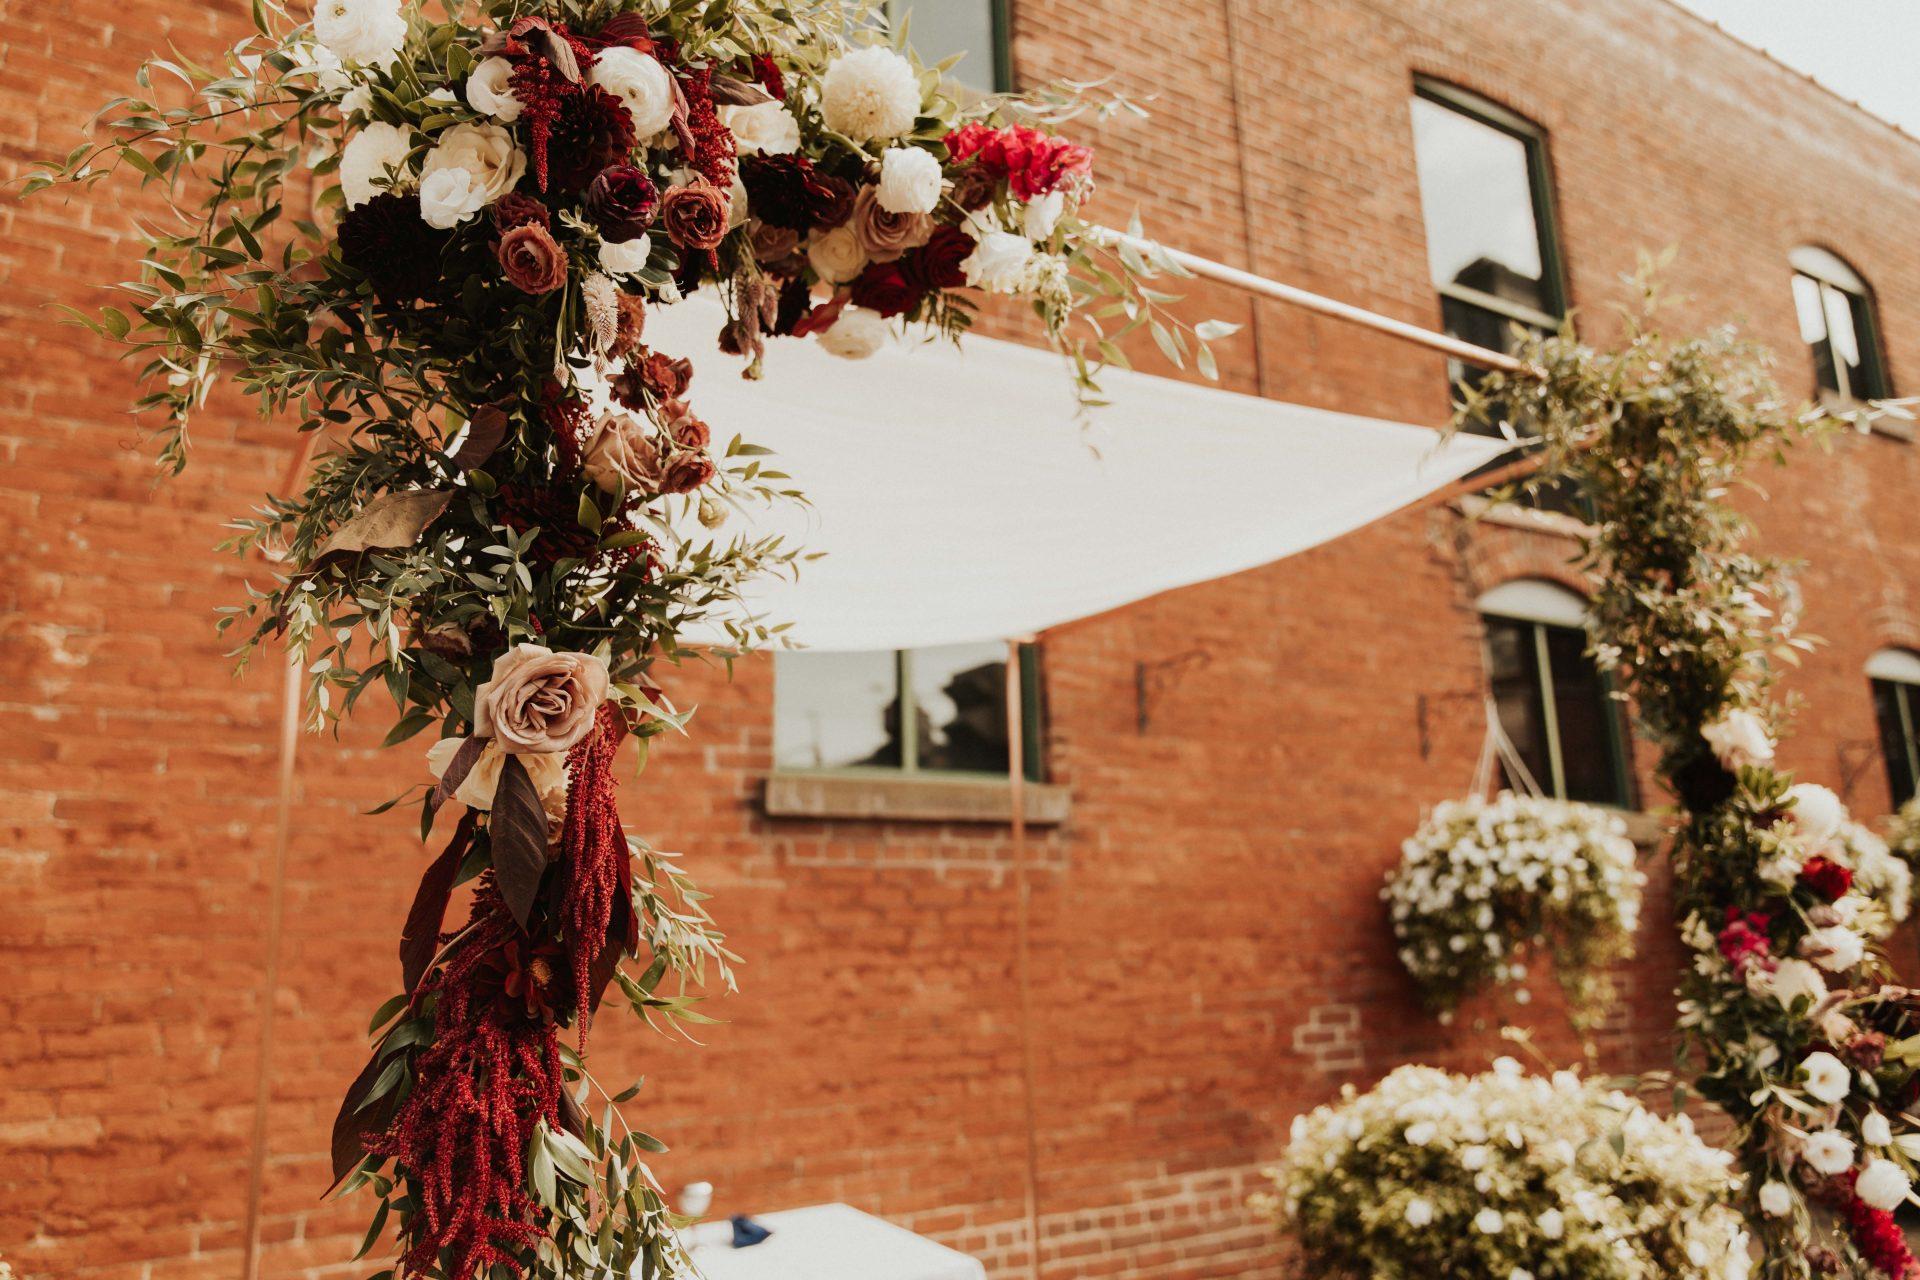 distillery district archeo wedding florals